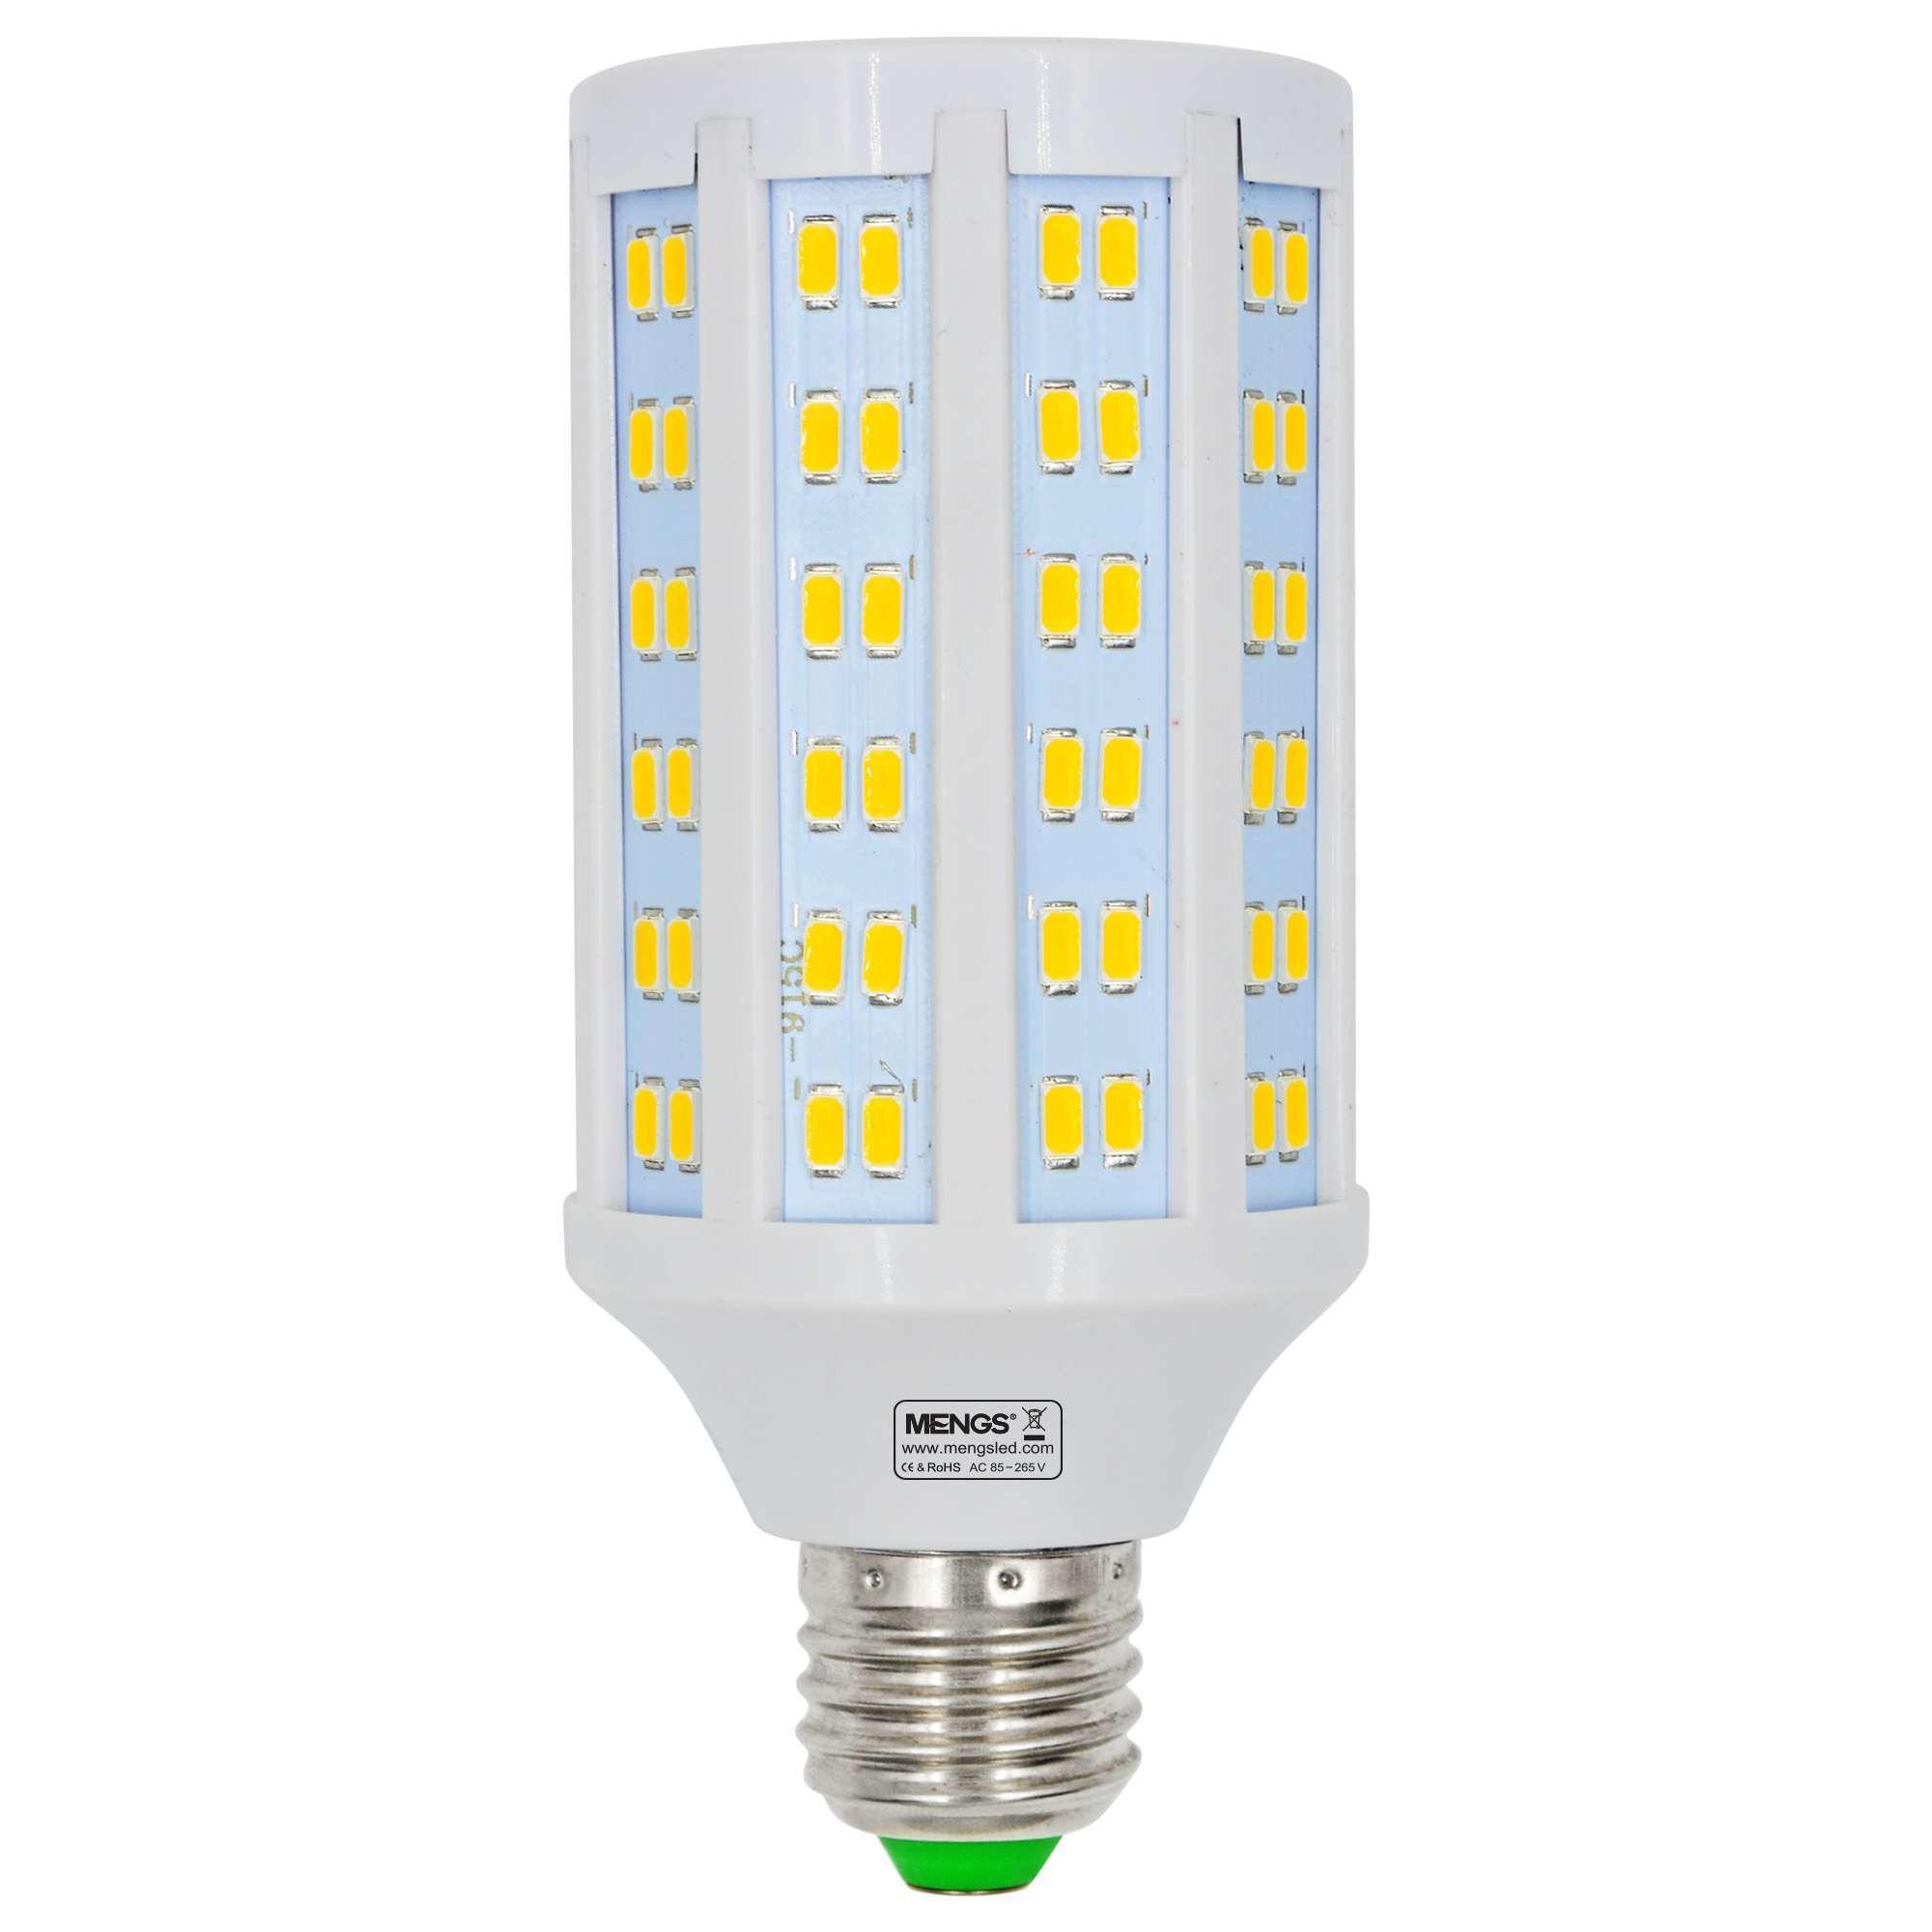 MENGS® E27 20W  LED Corn Light 144x 5730 SMD LED Bulb Lamp AC 85-265V in Warm White Energy-Saving Light